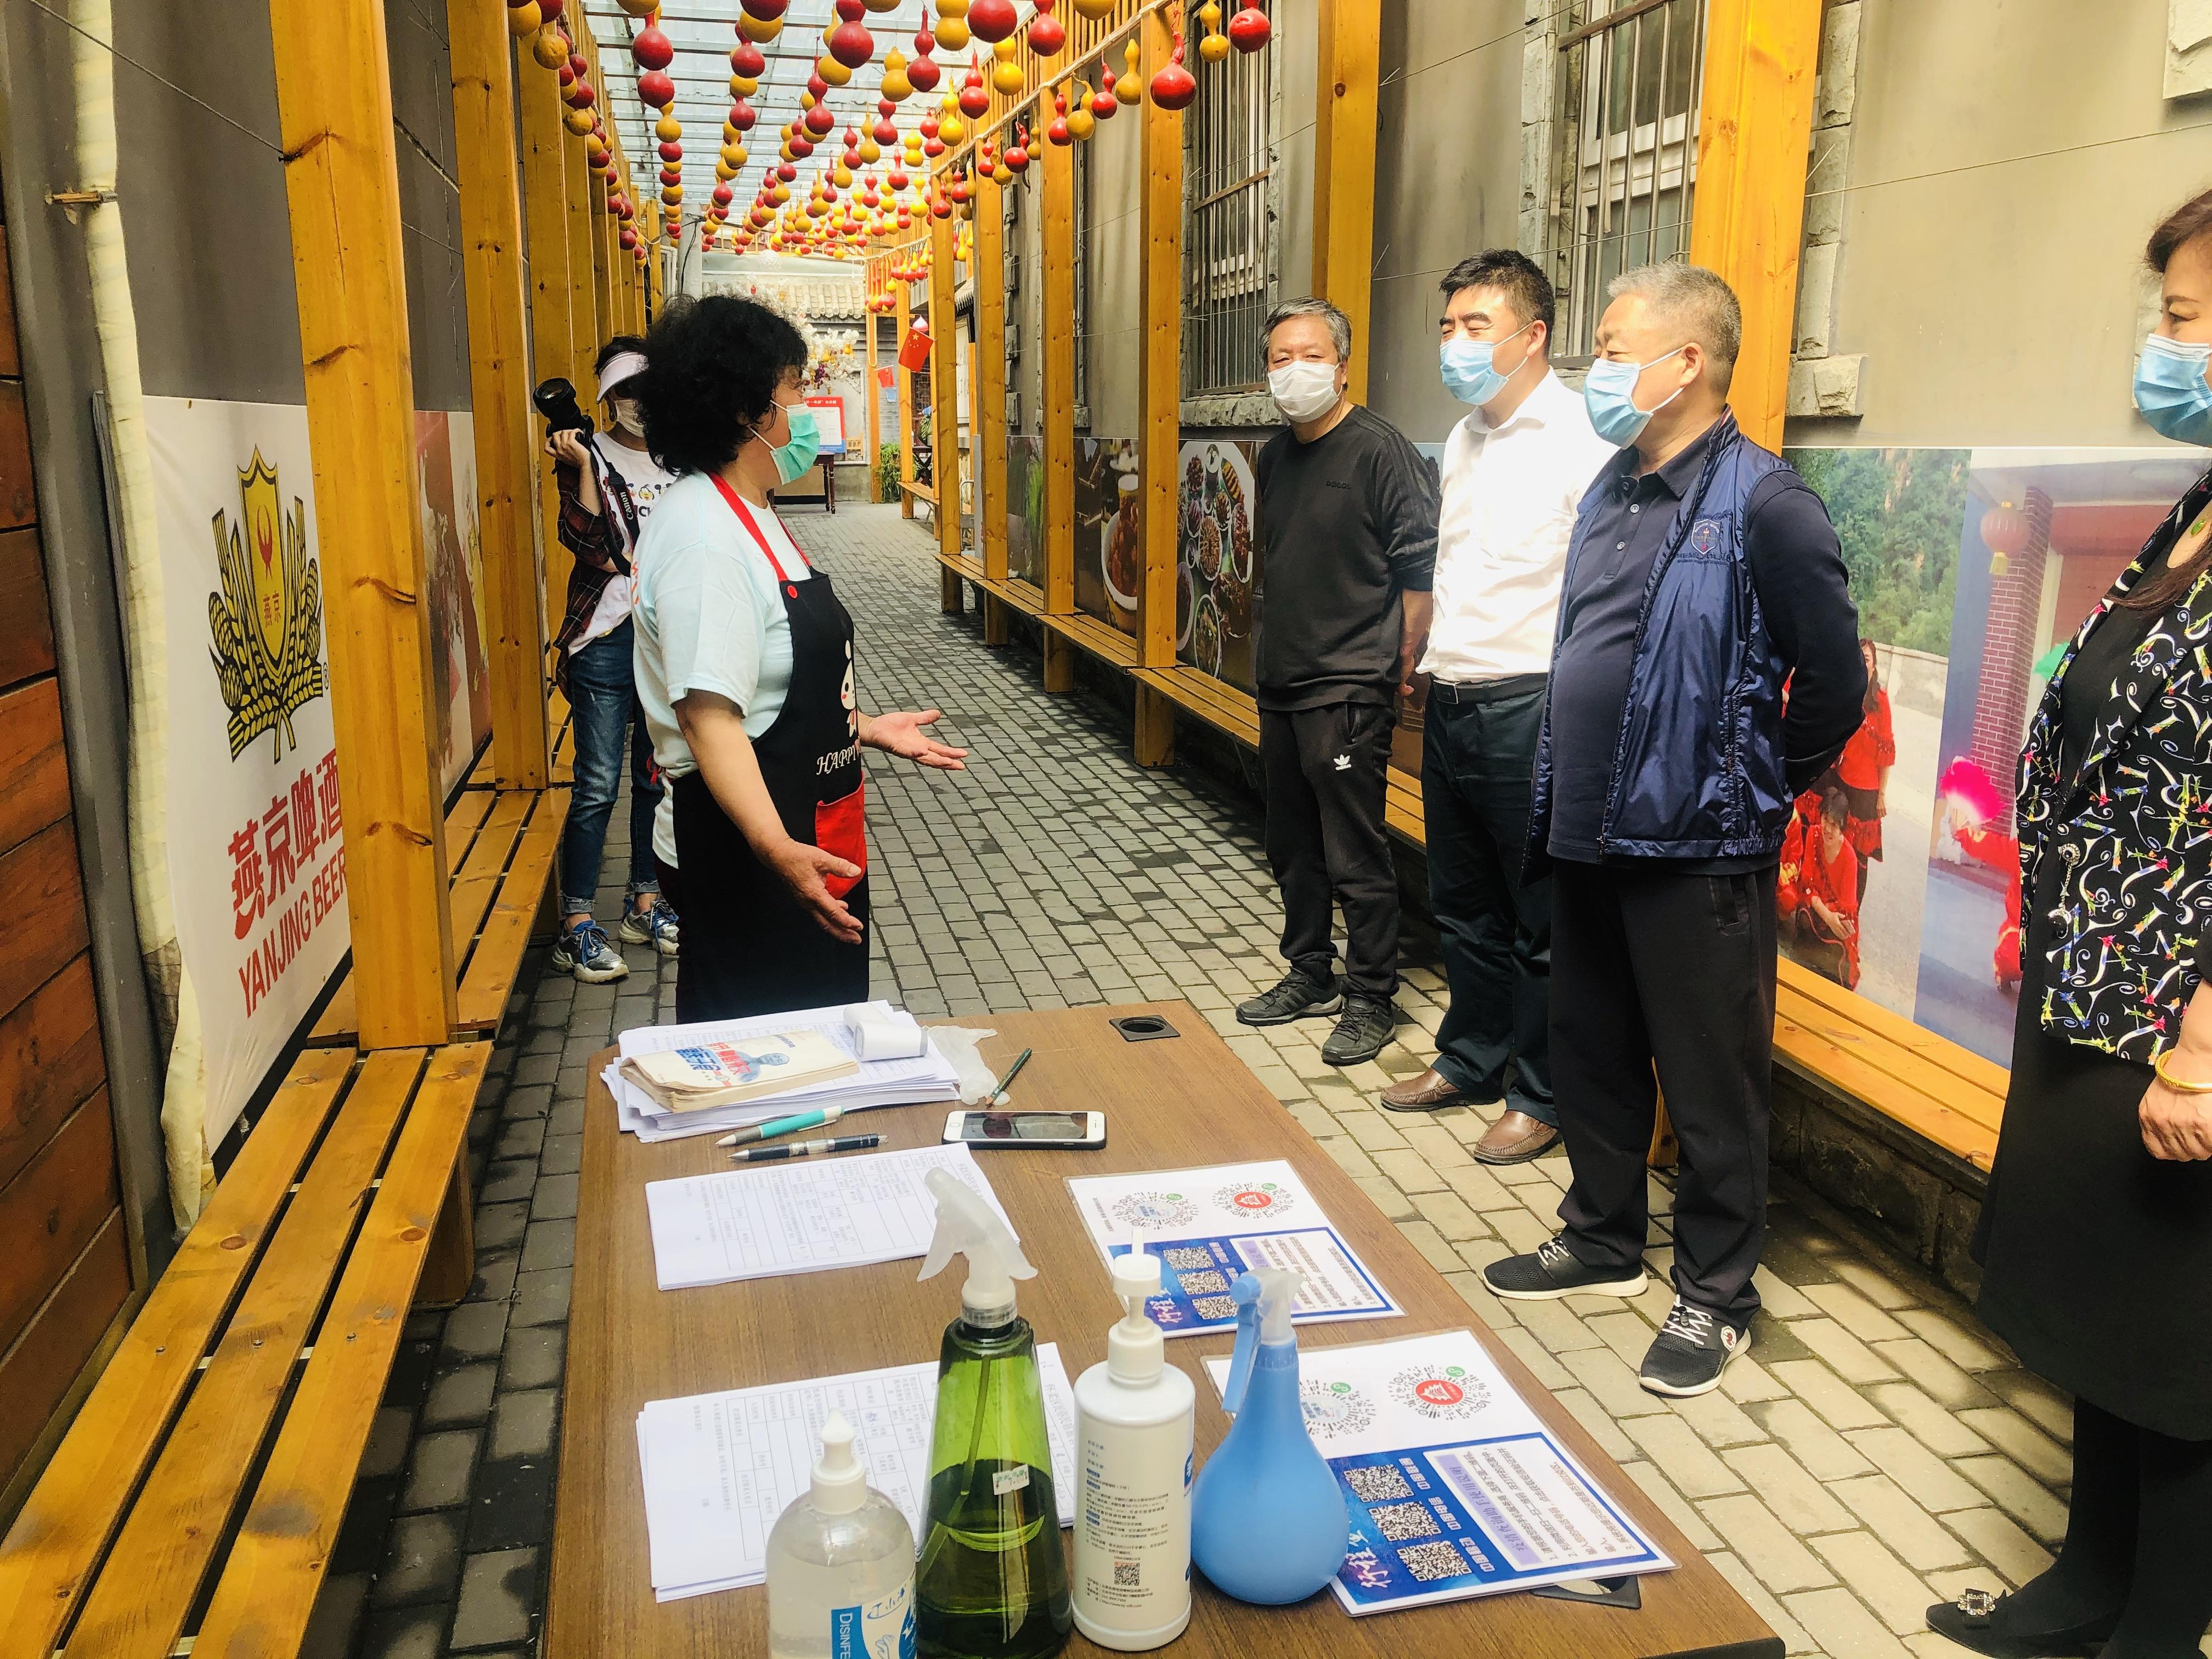 踏尋京郊紅色第一丨京郊民俗00001號的主人單淑芝